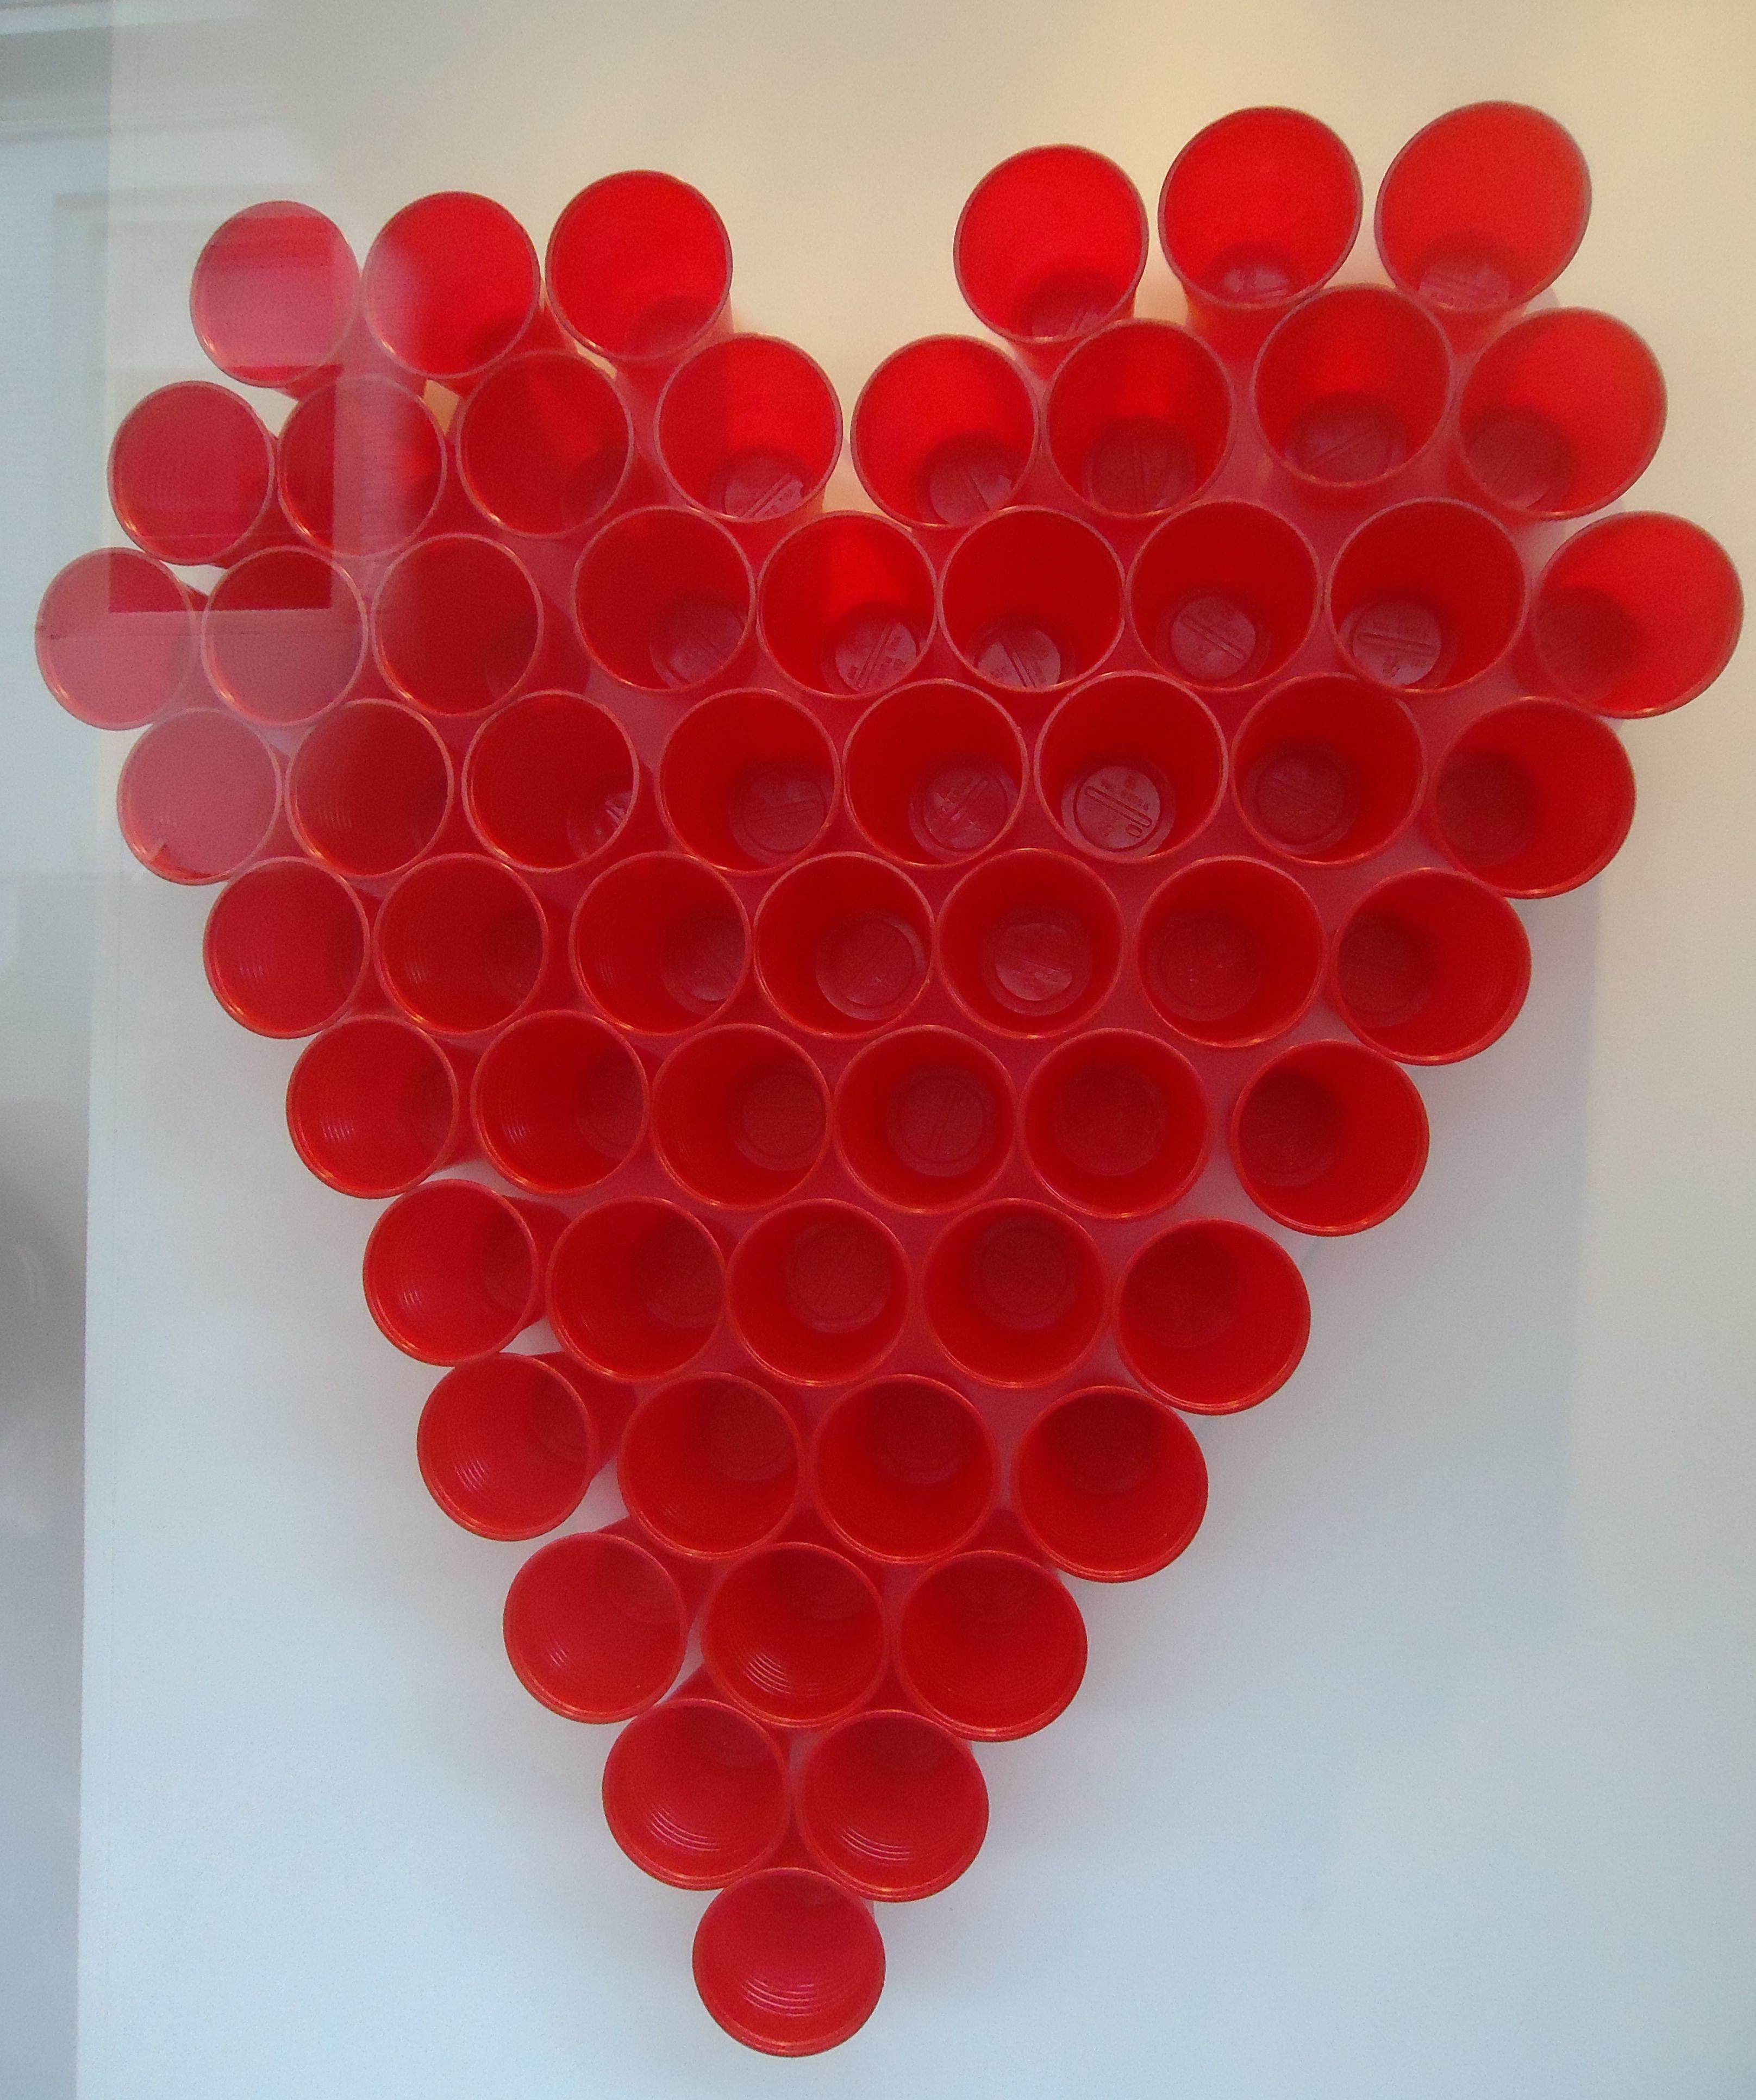 Un coraz n hecho con vasos reciclables pinta los vasos - Manualidades con vasos ...